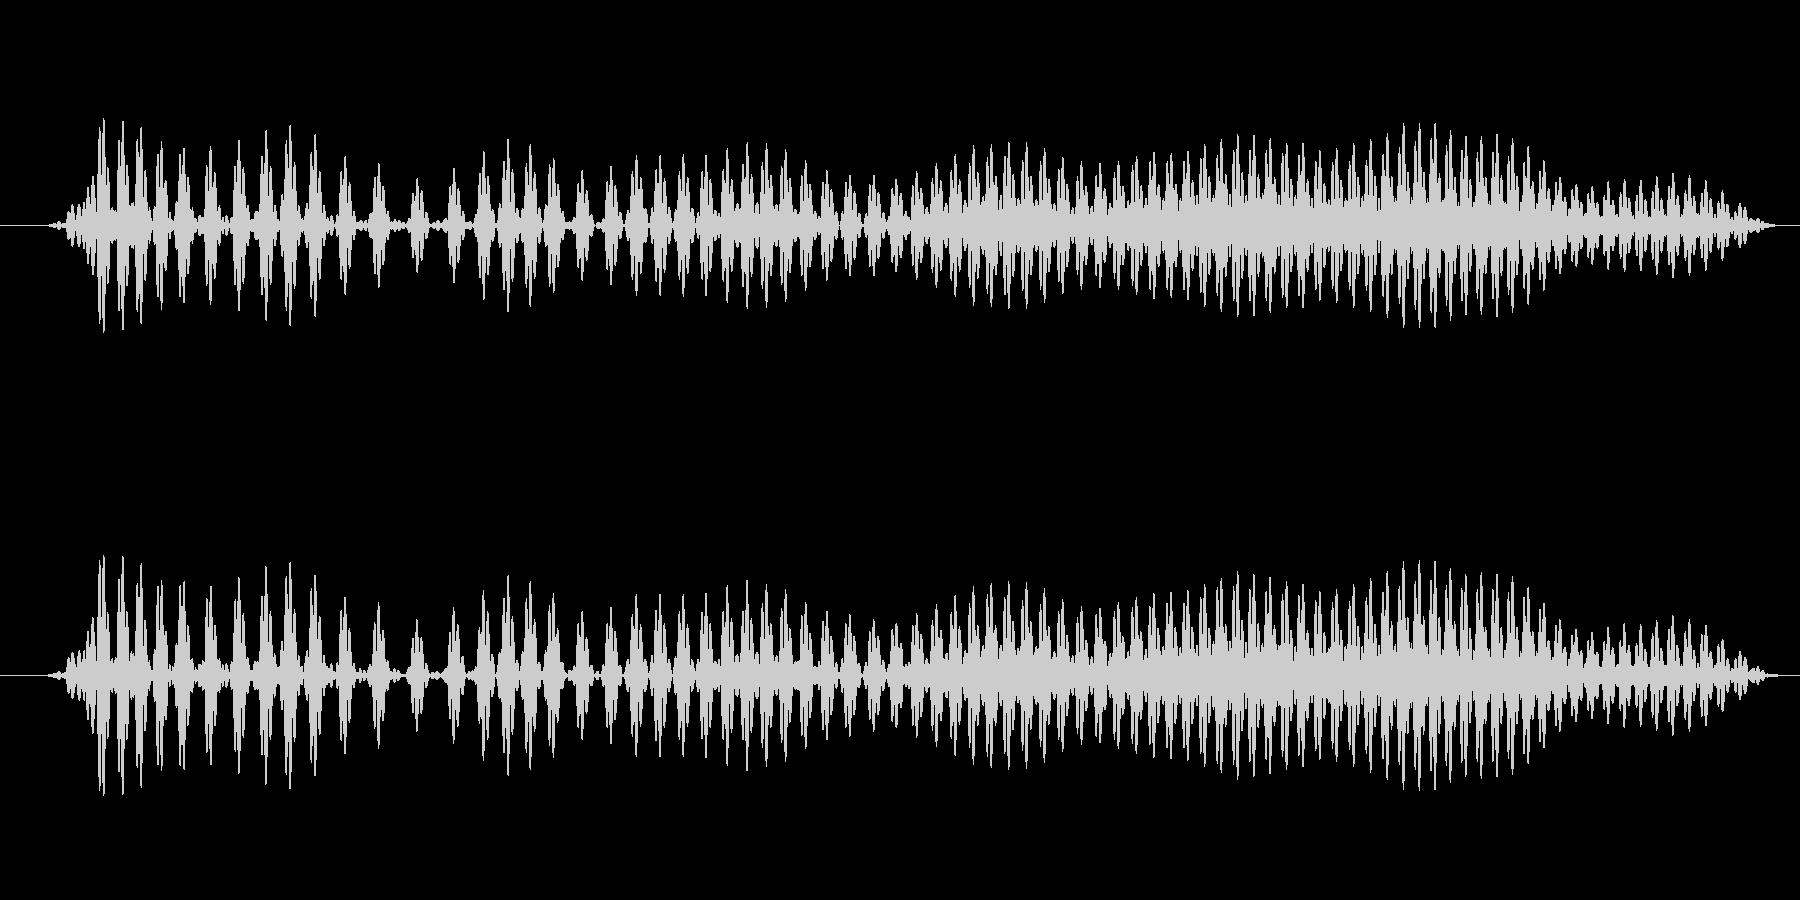 ぐう〜(お腹が減った時の音)の未再生の波形